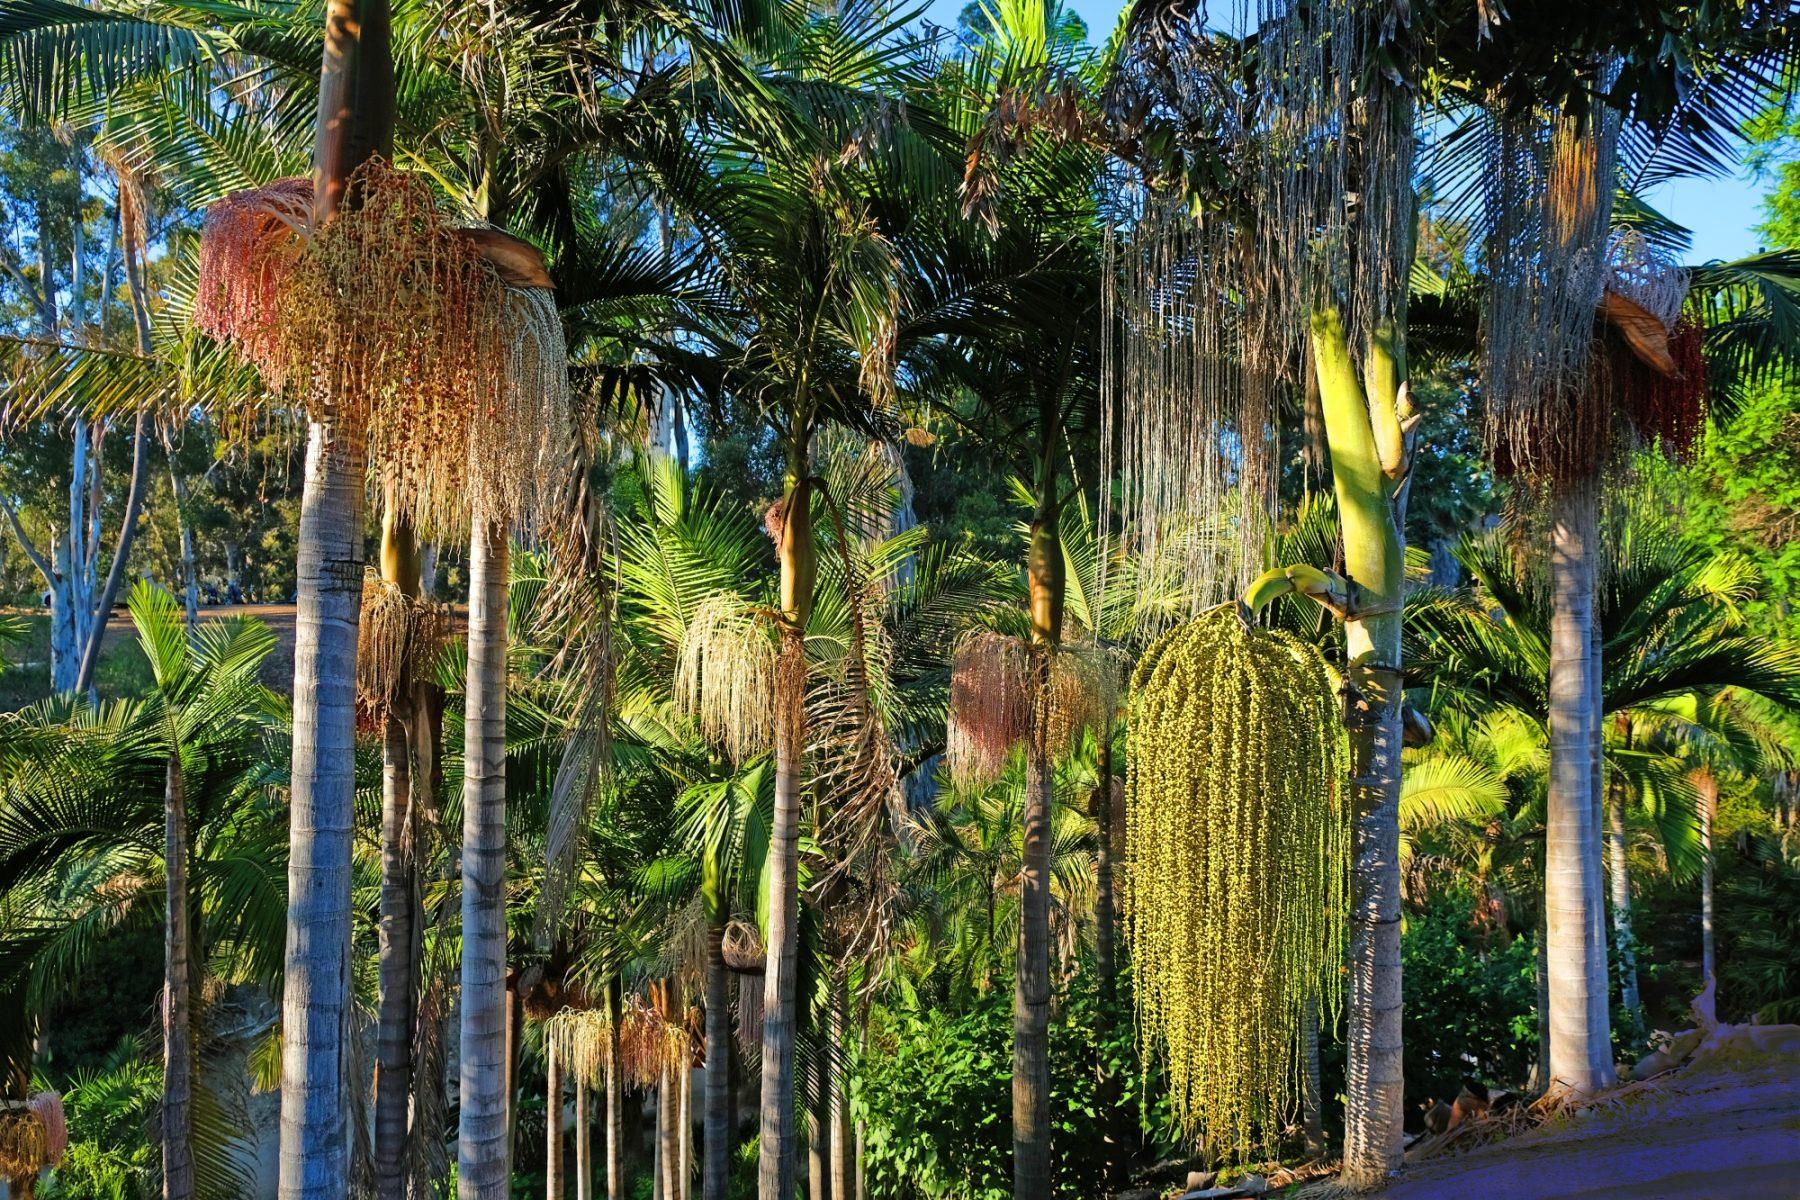 Dave Miller - Balboa Park Trees